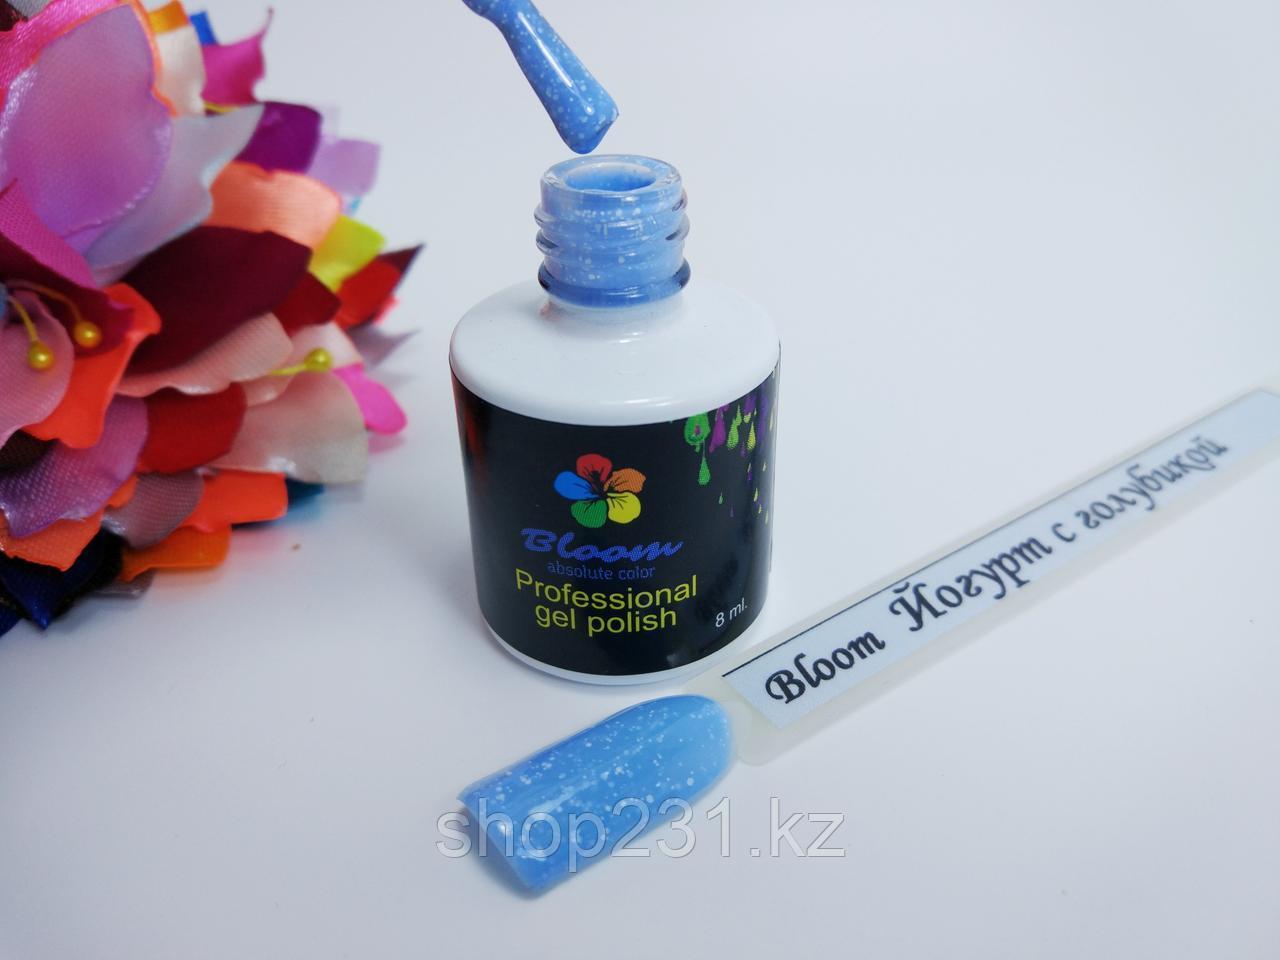 Гель-лак Bloom Йогурт с голубикой.